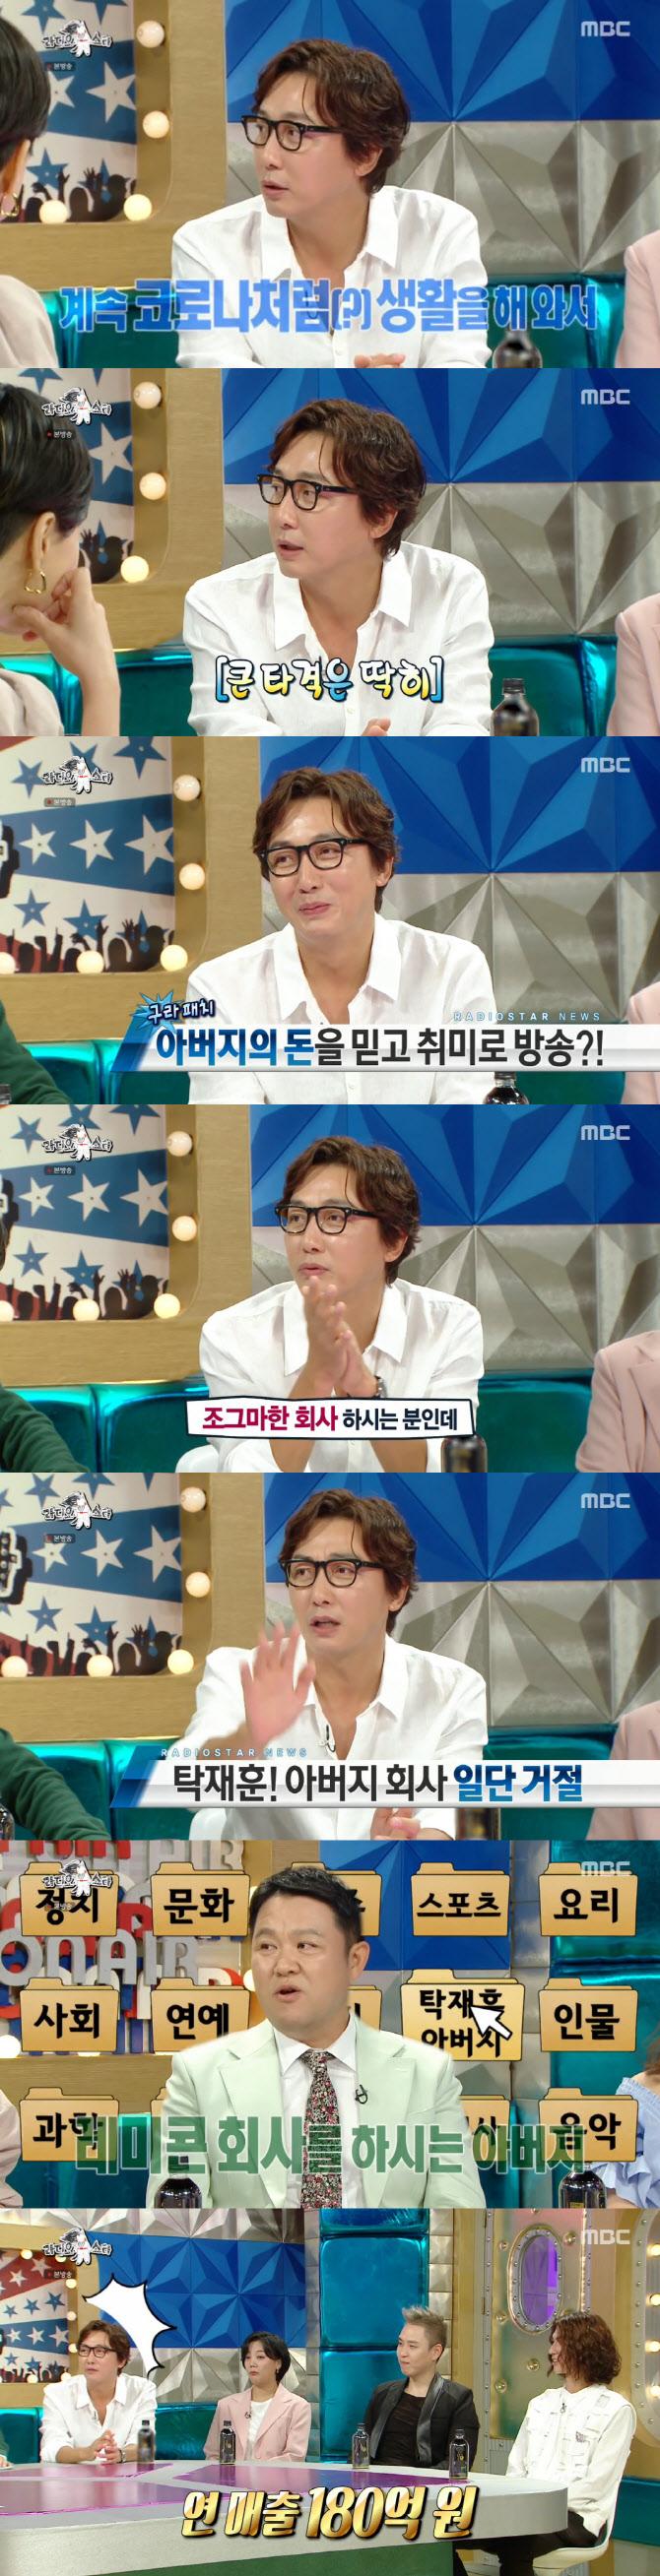 """탁재훈 """"아버지? 작은 회사 운영""""…김구라 """"연매출 180억"""""""